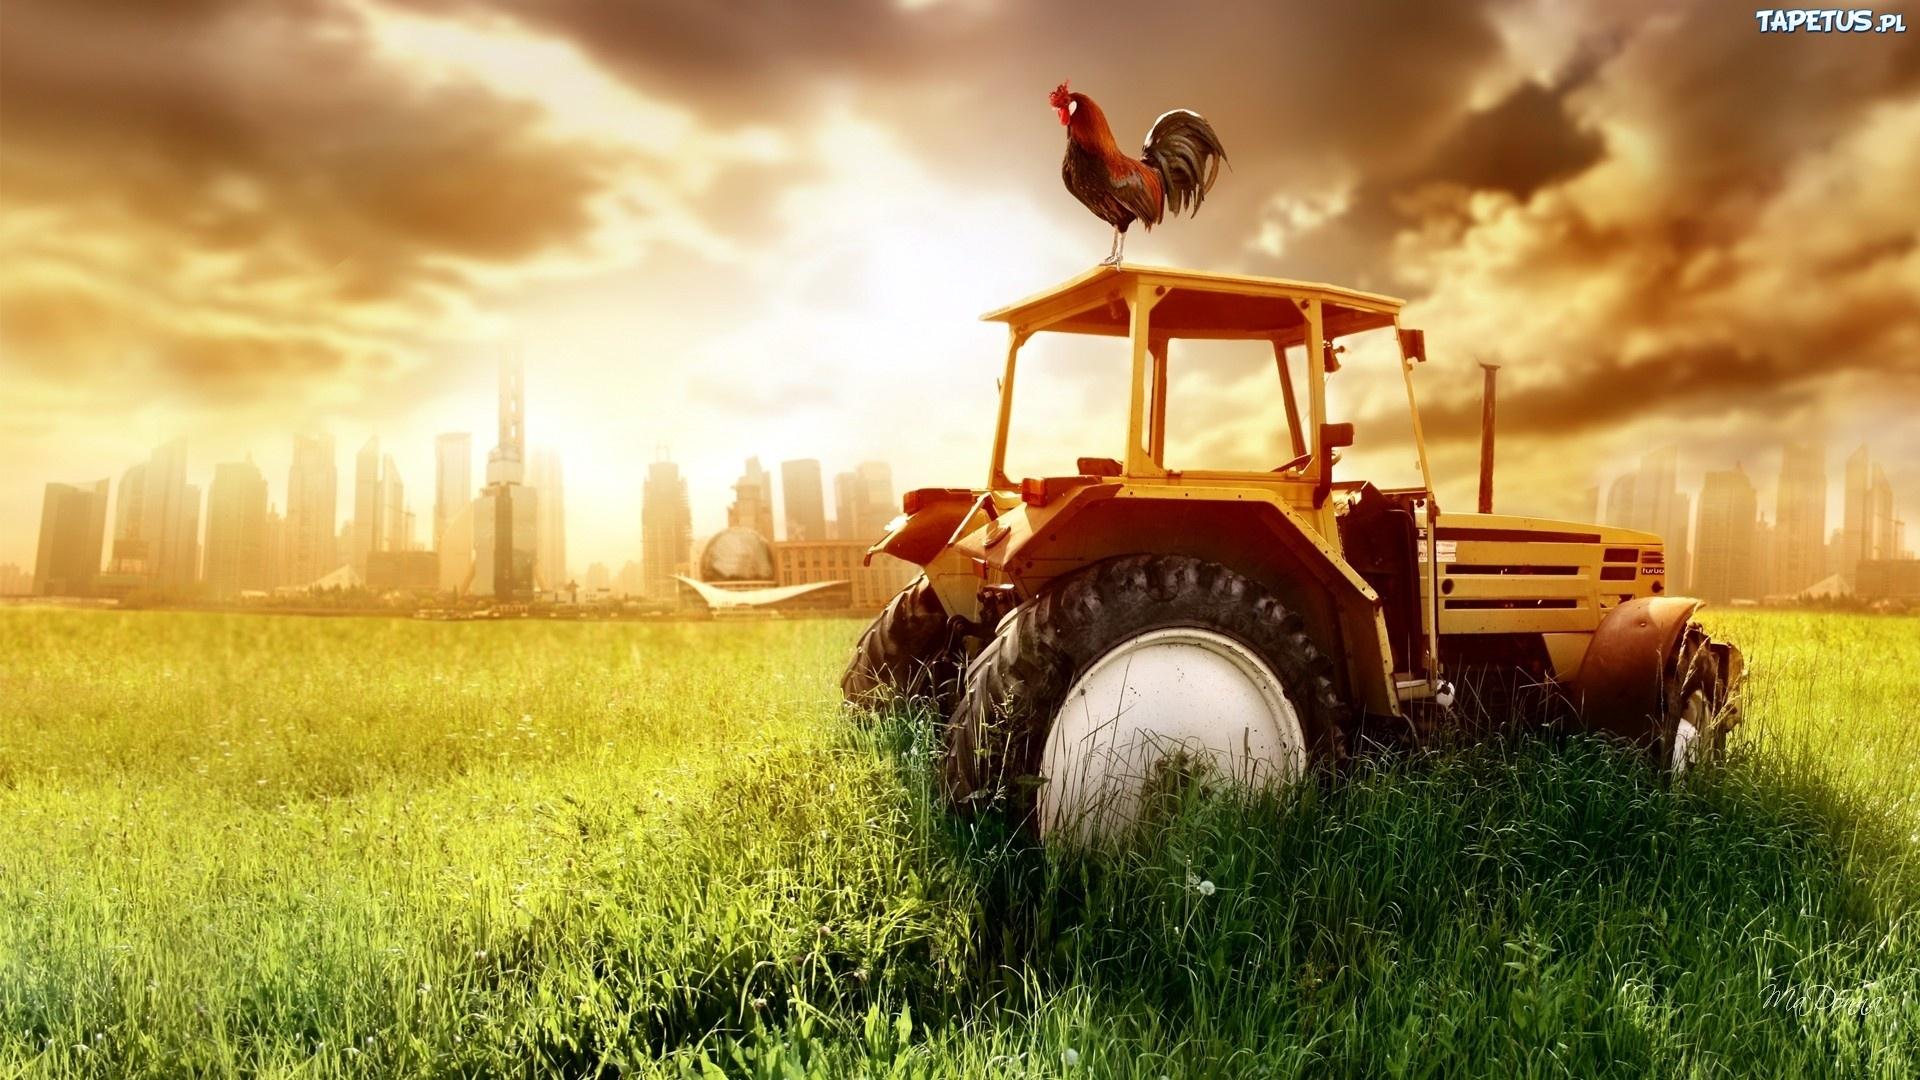 146574_zachod-slonca-traktor-kogut.jpg